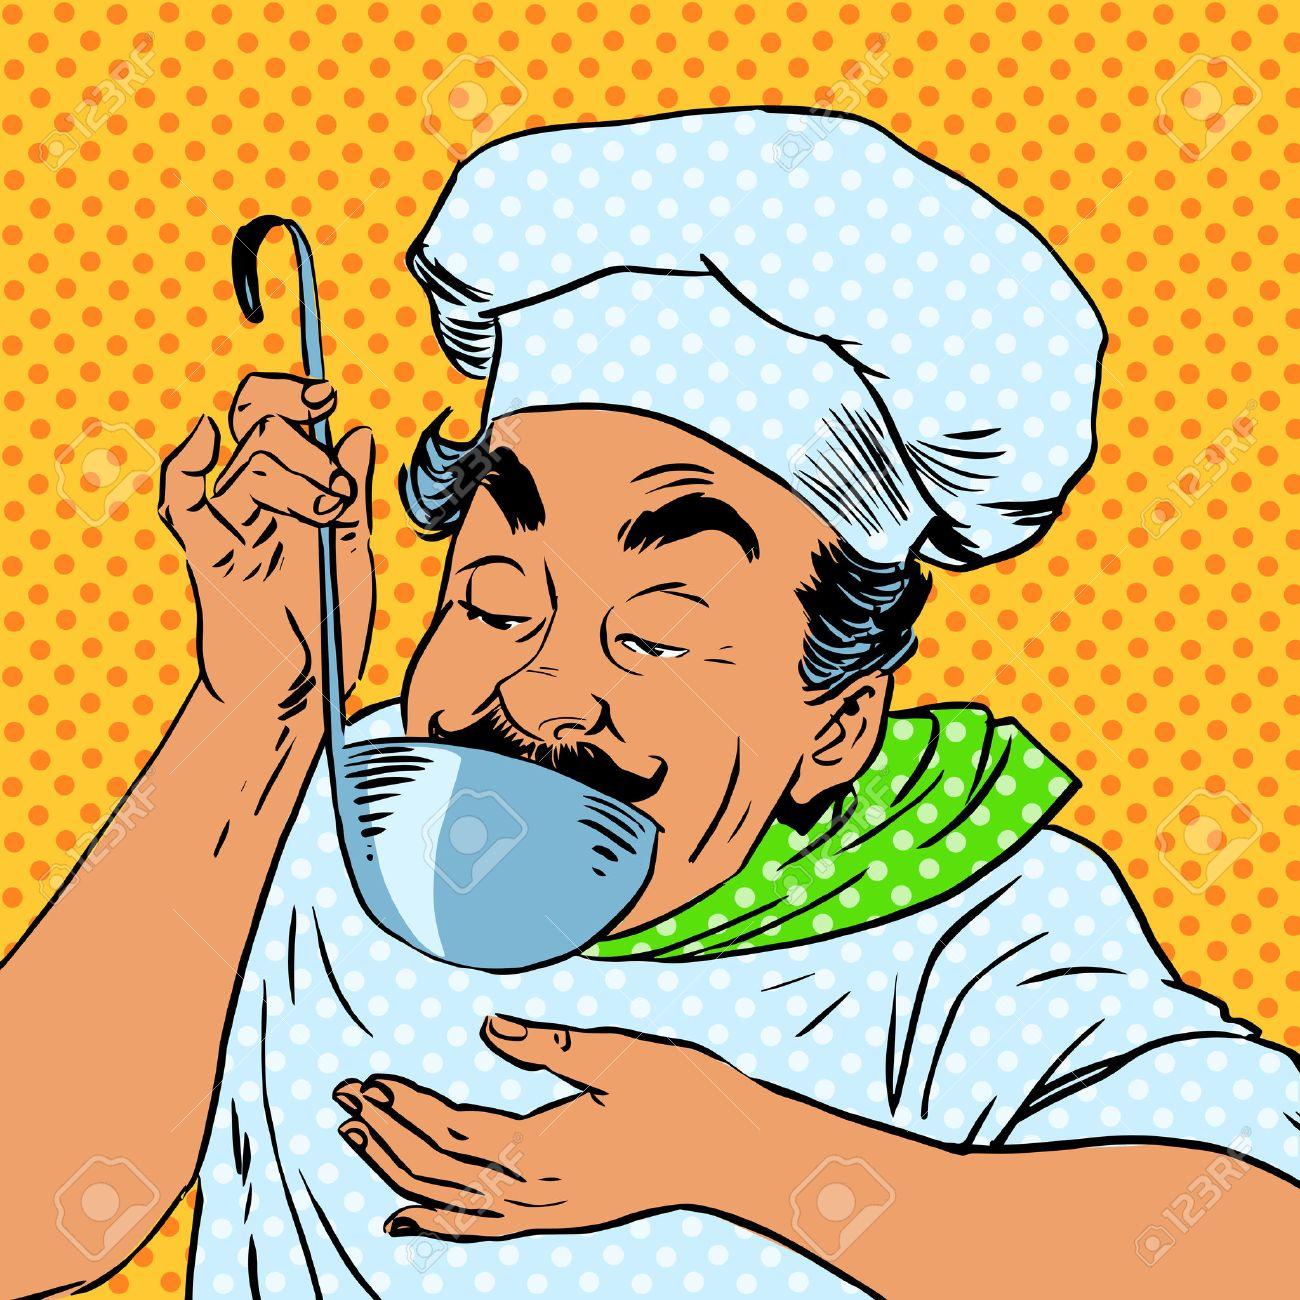 der kchenchef schmeckt das essen in der kche erwachsene mnnliche berufs bereitet das gericht - Schmcken Kleine Wohnkche